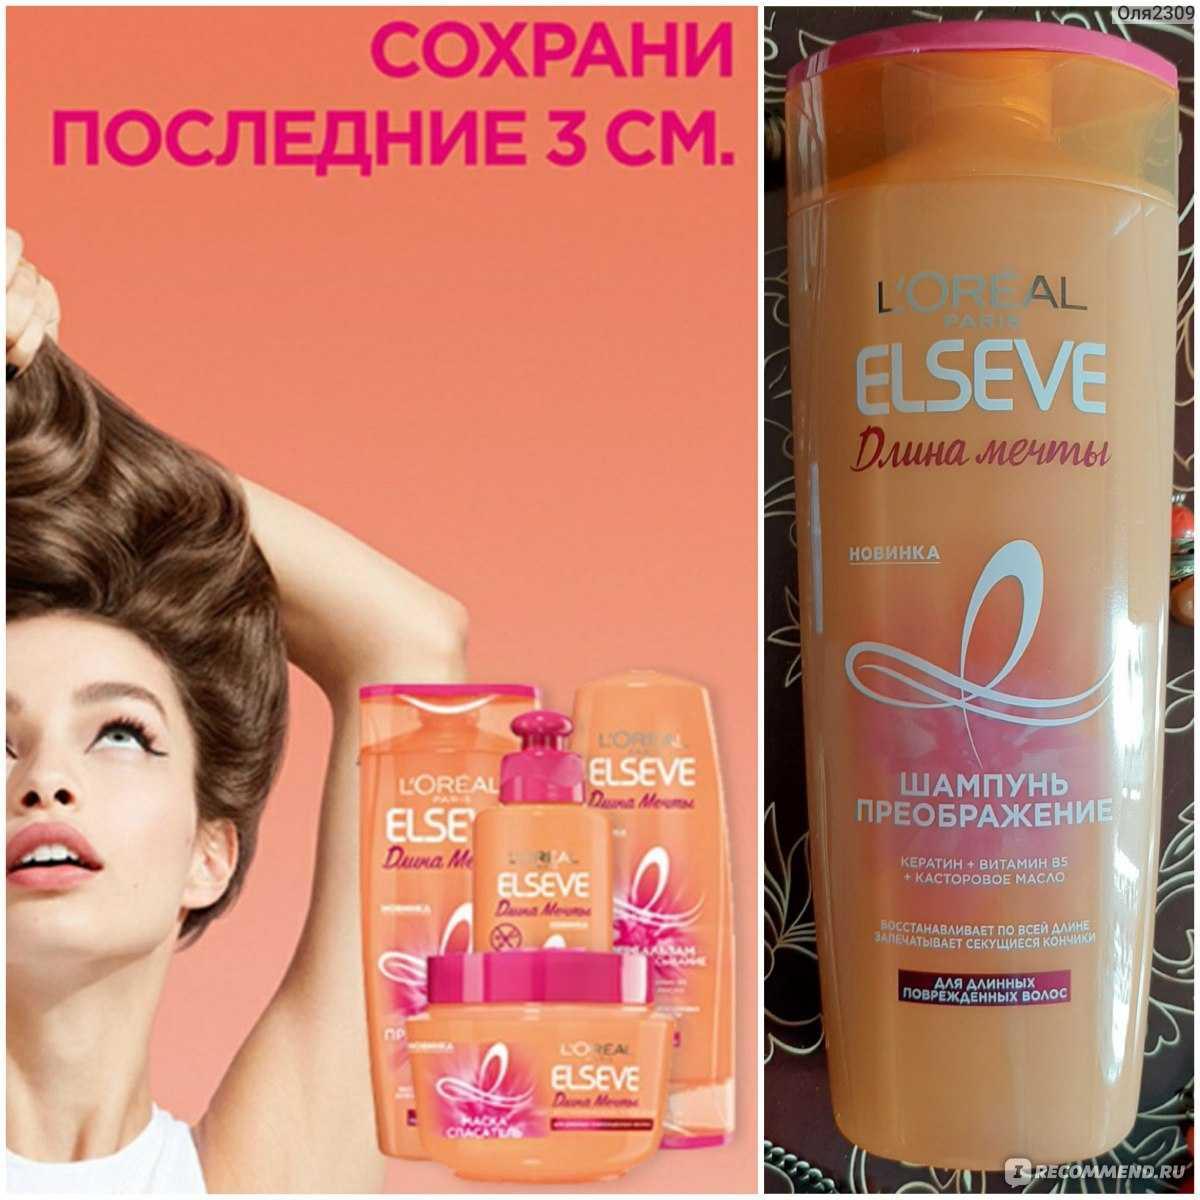 Полезные и вредные шампуни для волос. как выбрать хороший шампунь? | «сила волос»